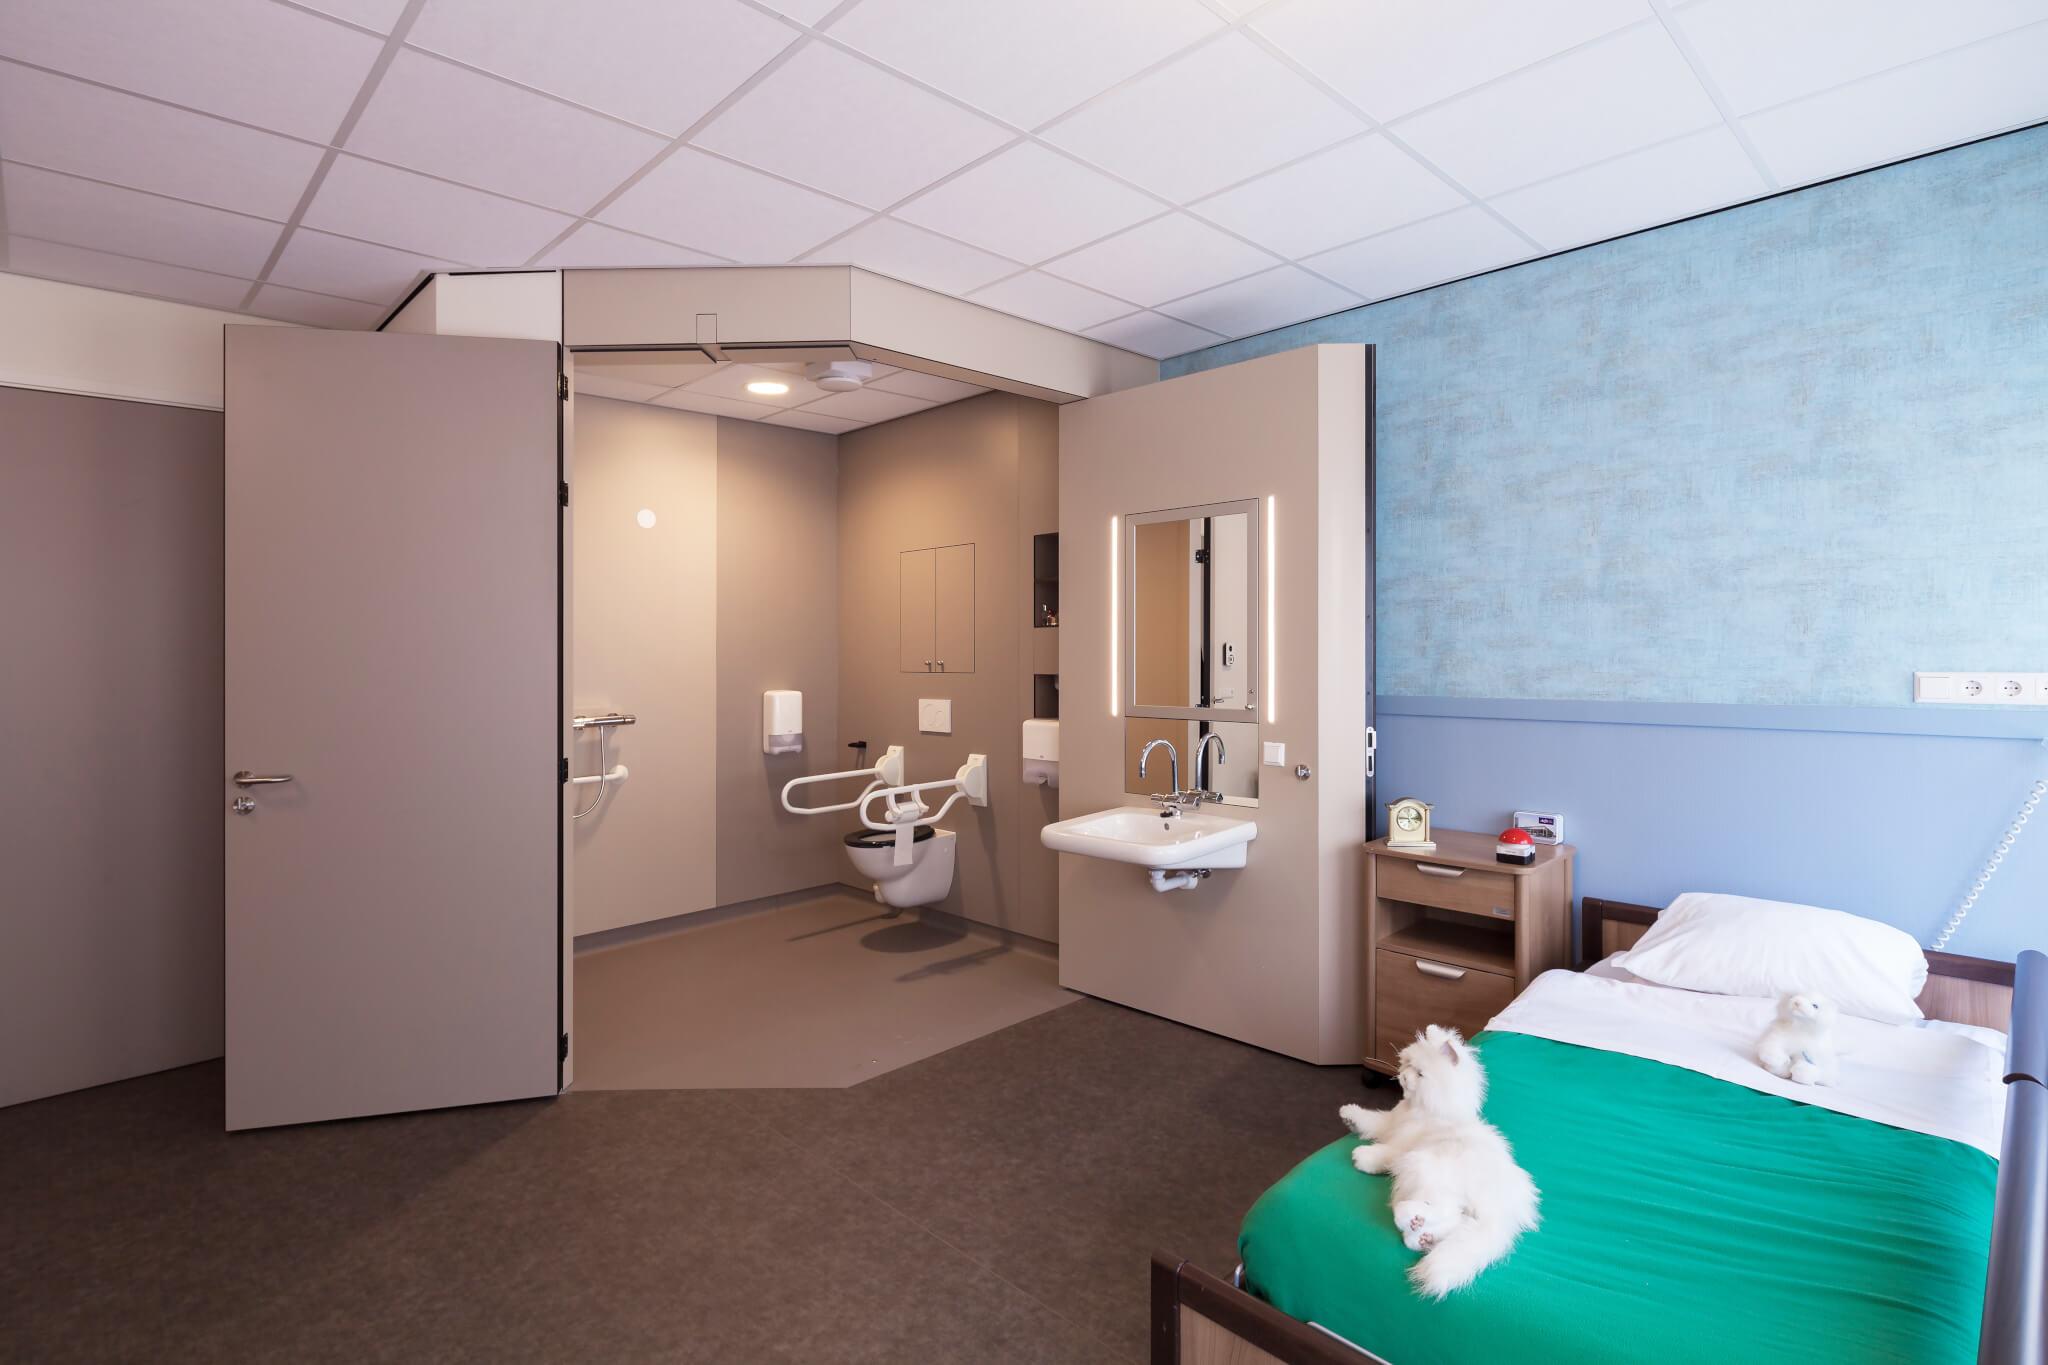 De Vijf Havens slimme badkamer studio